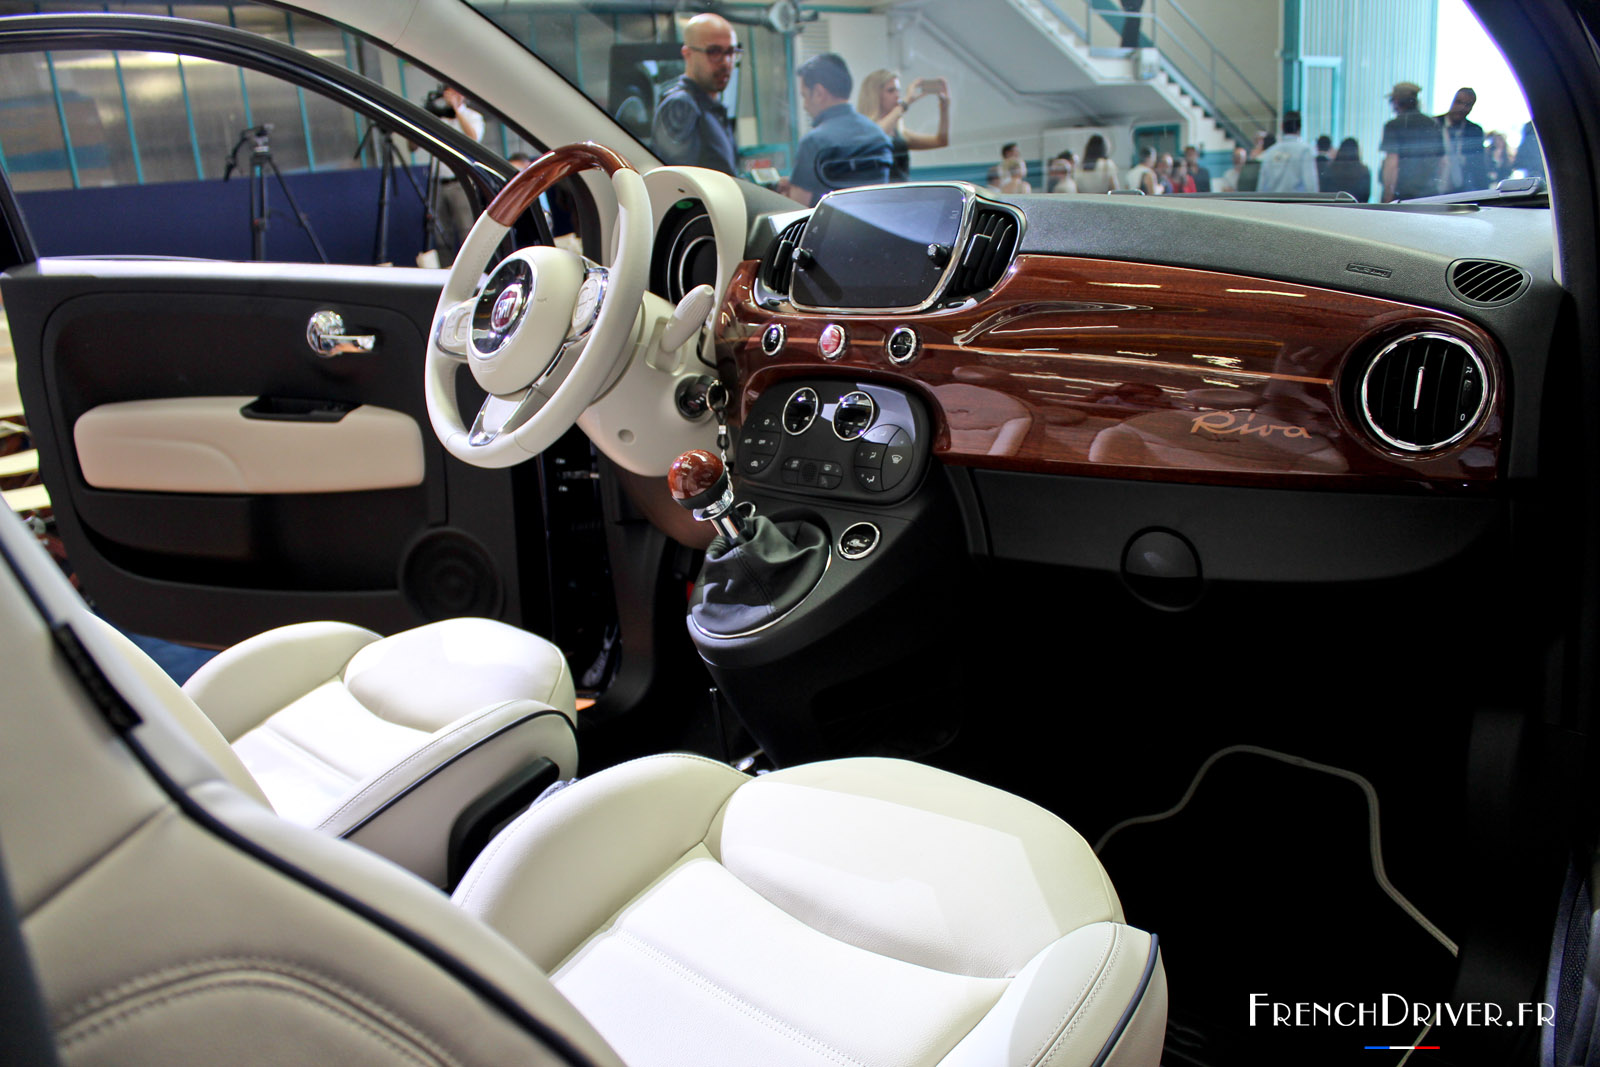 nouvelle fiat 500 riva le plus petit yacht du monde french driver. Black Bedroom Furniture Sets. Home Design Ideas